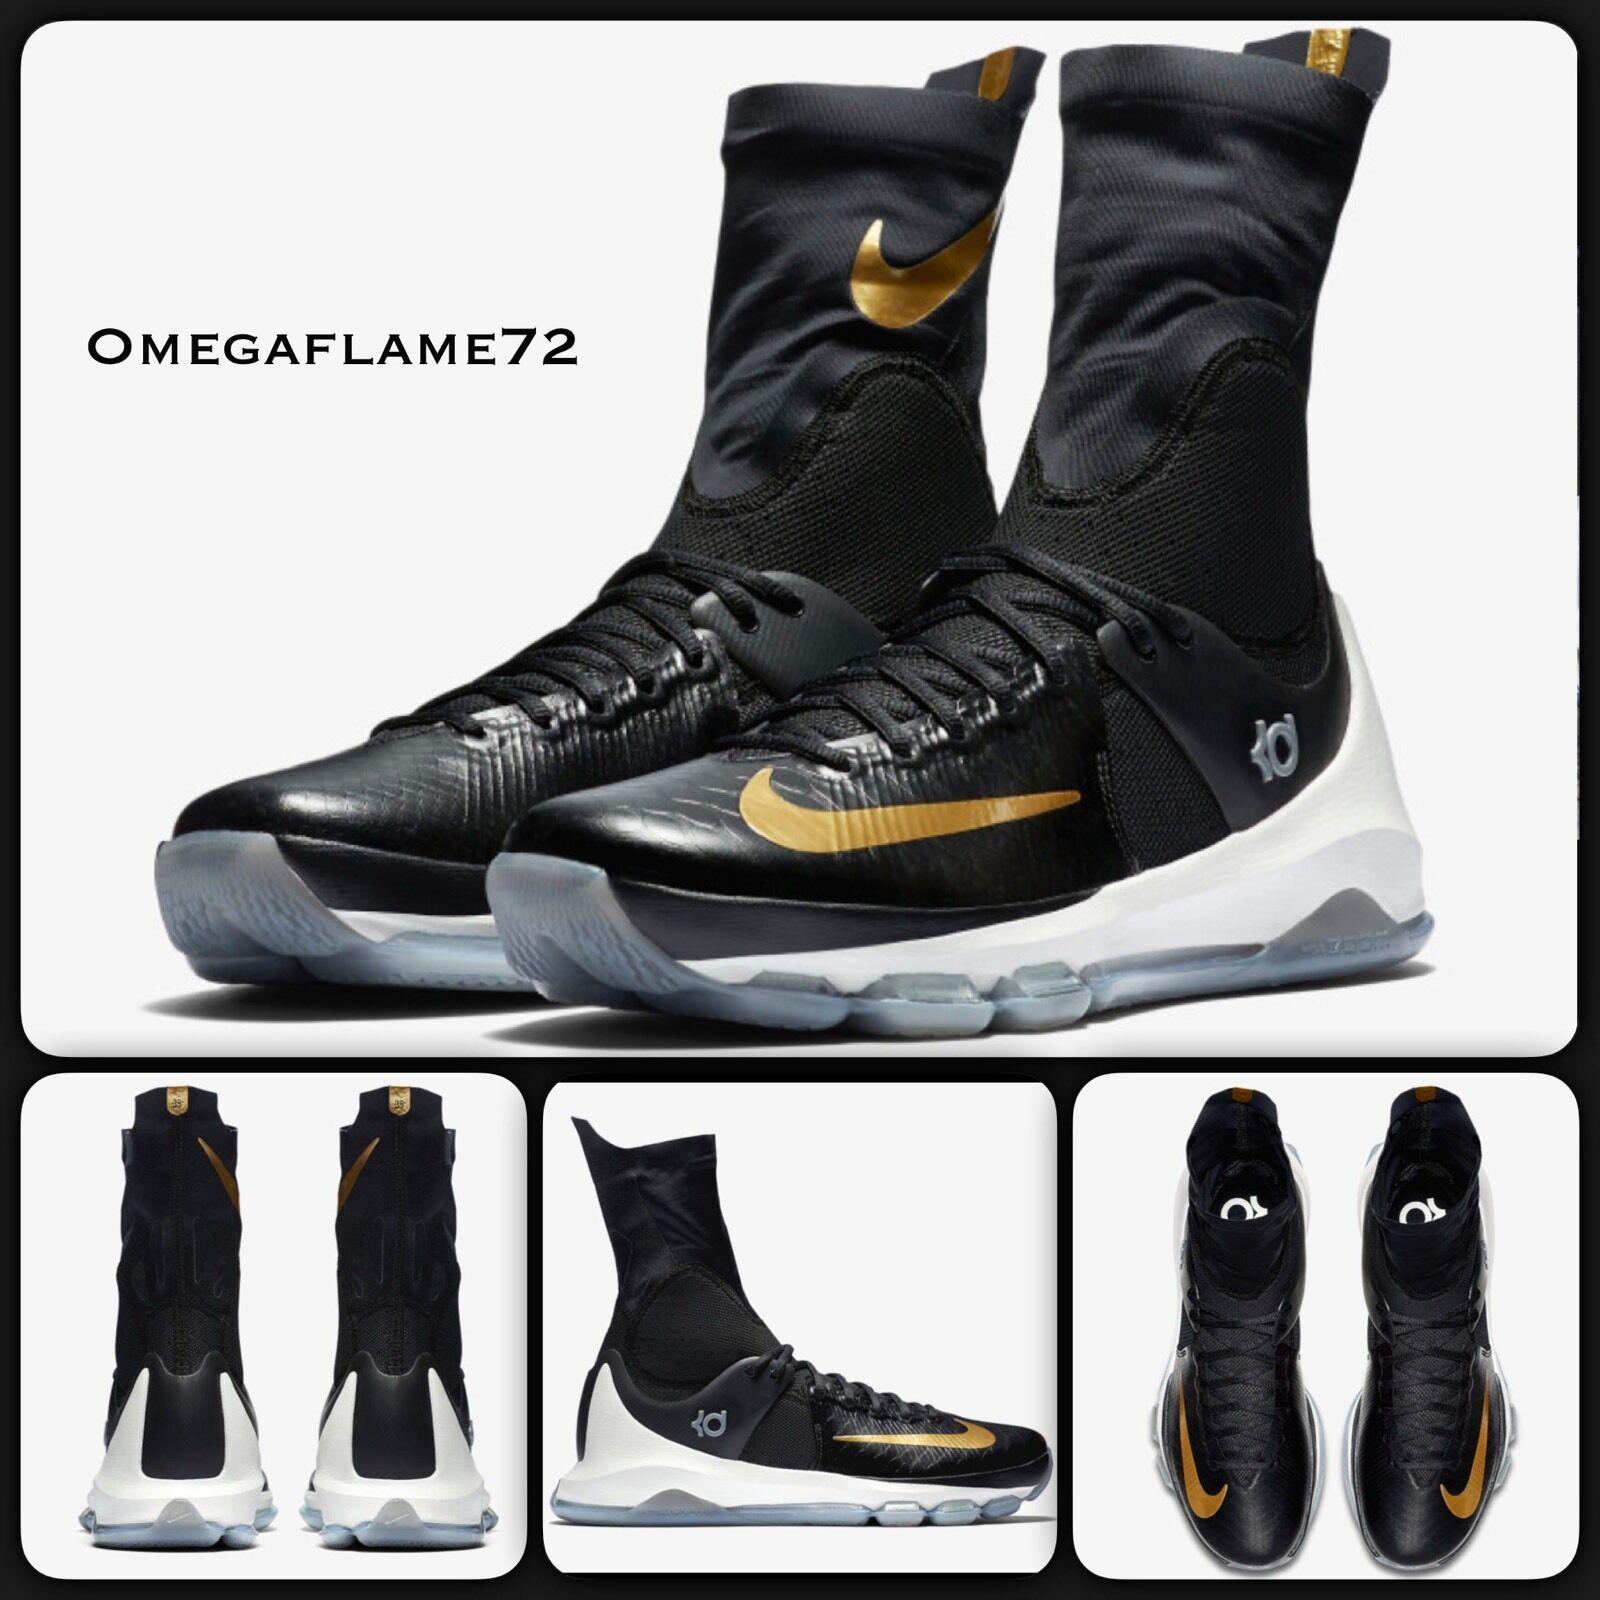 Nike kd 8 nero & oro 834185 071 elite dimensioni uniti 12,5 | Impeccabile  | Scolaro/Ragazze Scarpa